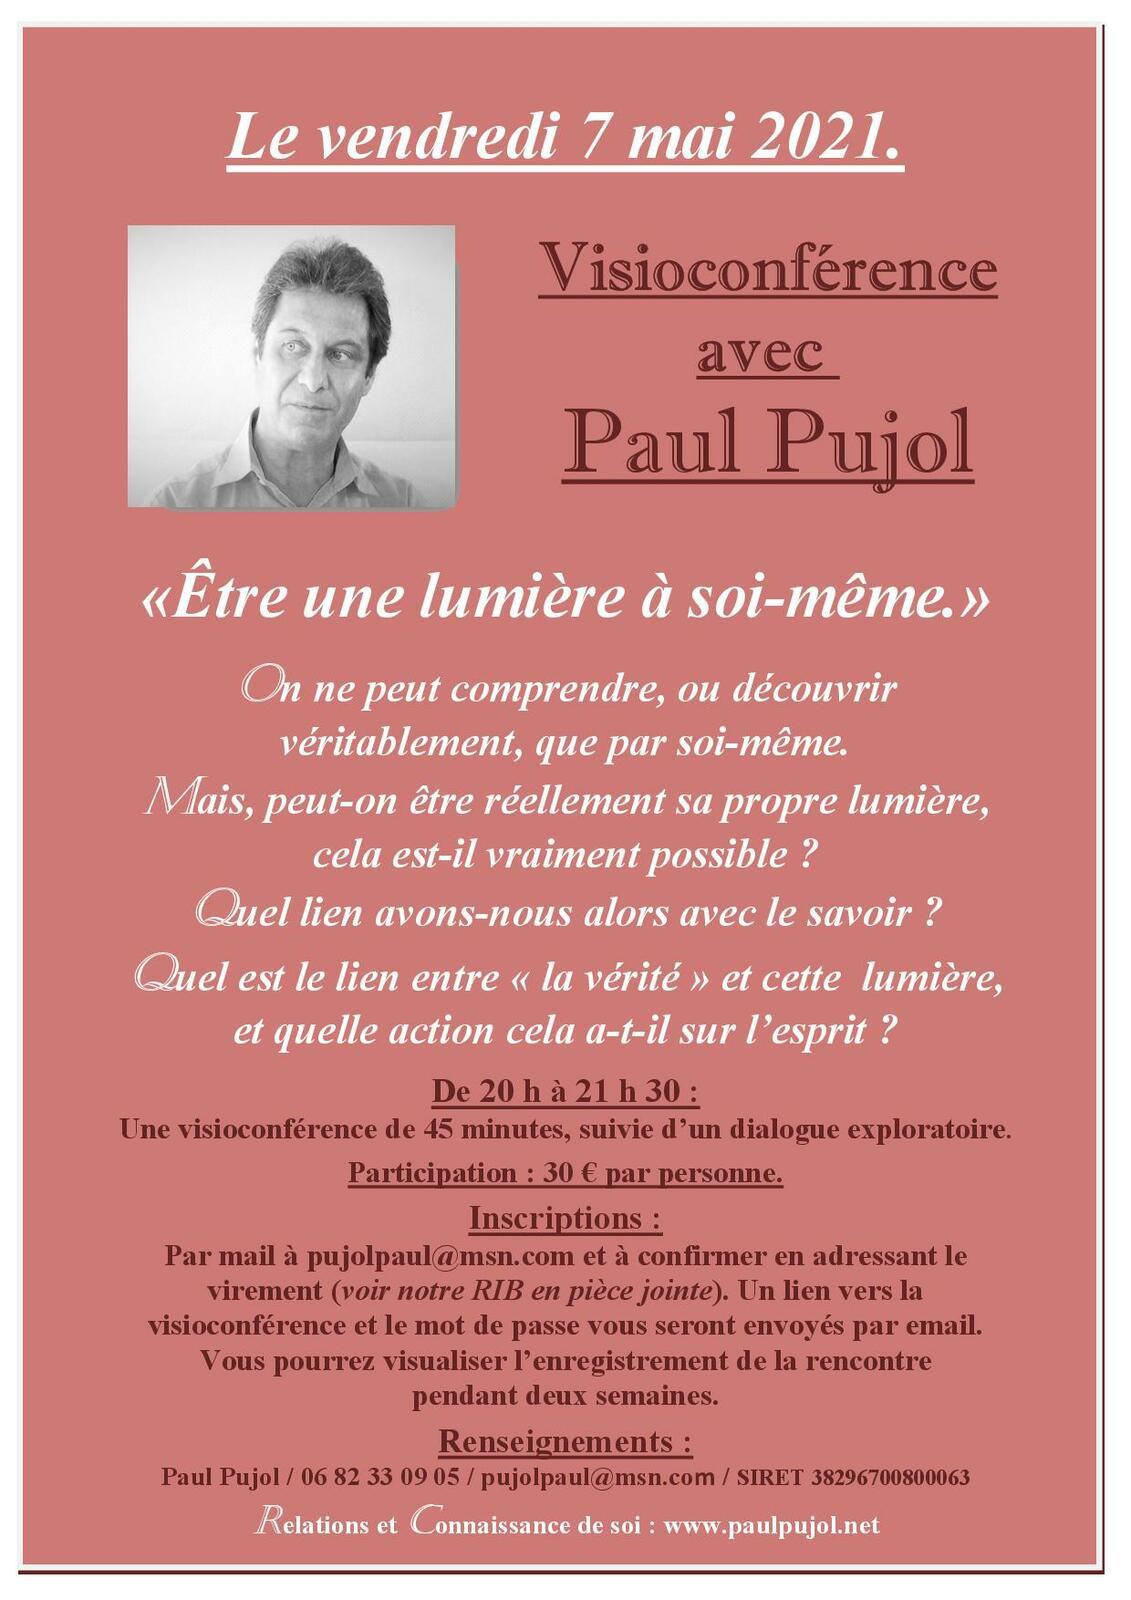 7 mai 2021: Visioconférence de Paul Pujol